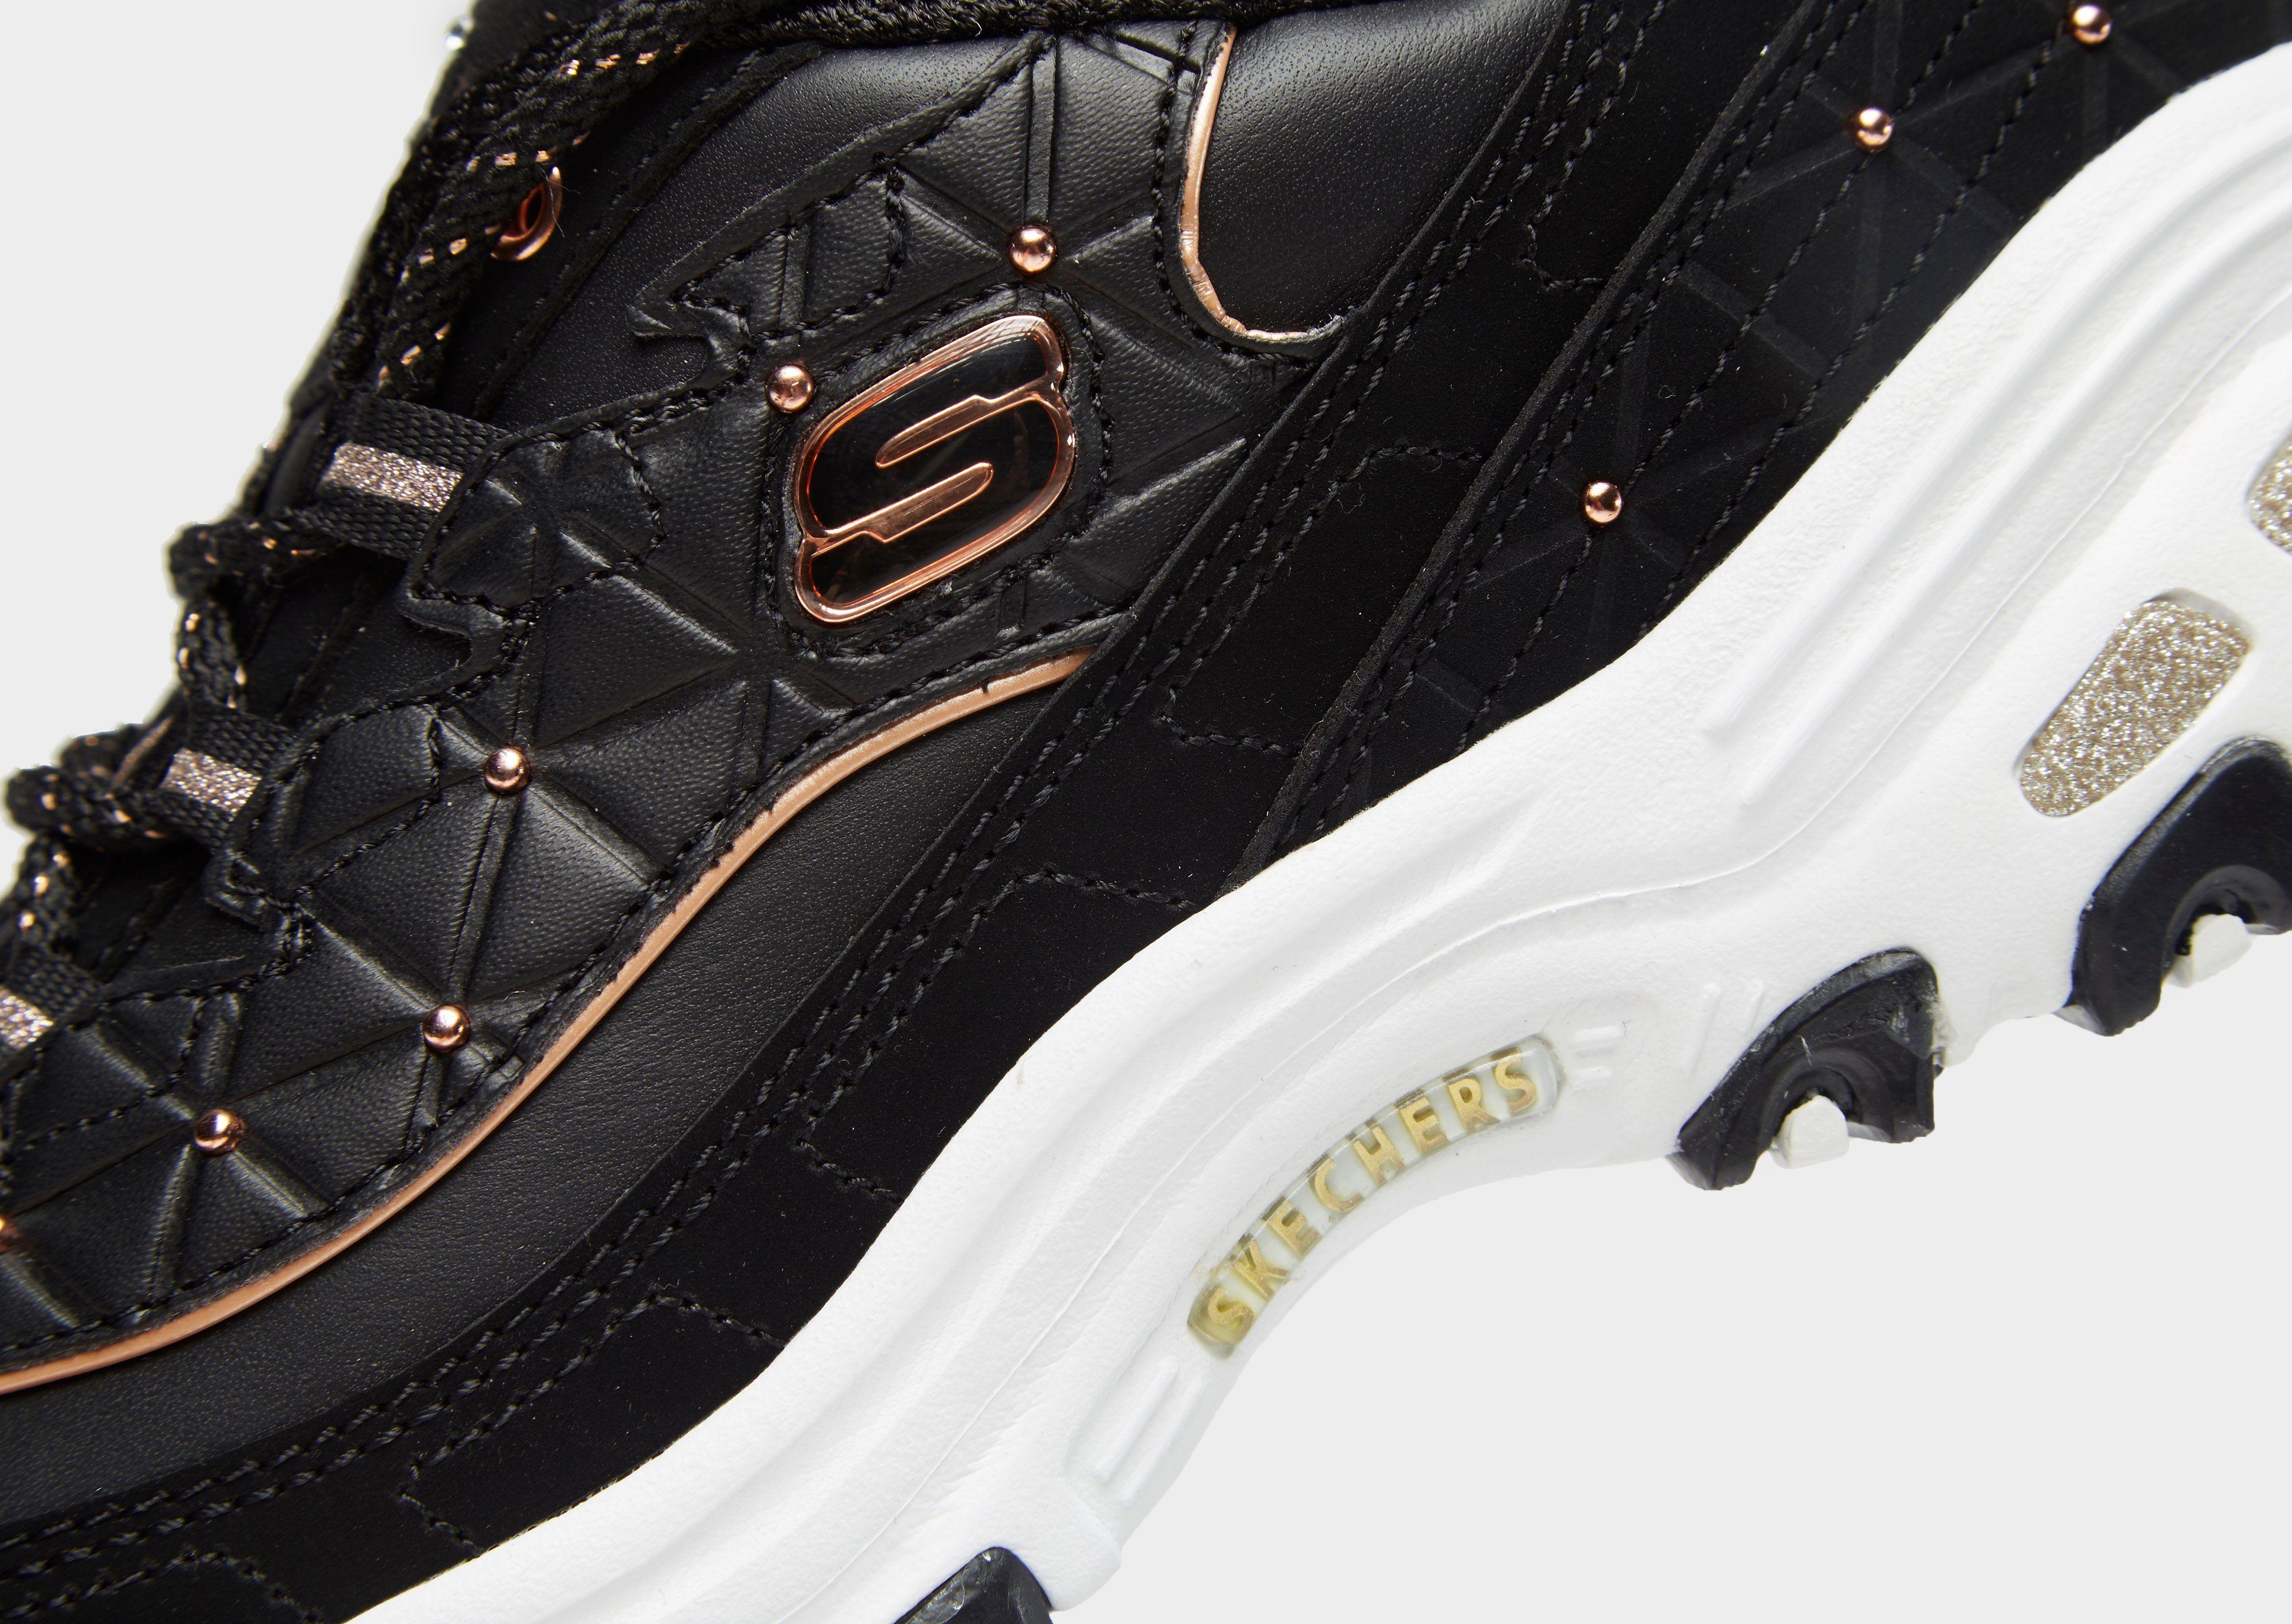 Skechers D'Lites Glam Women's